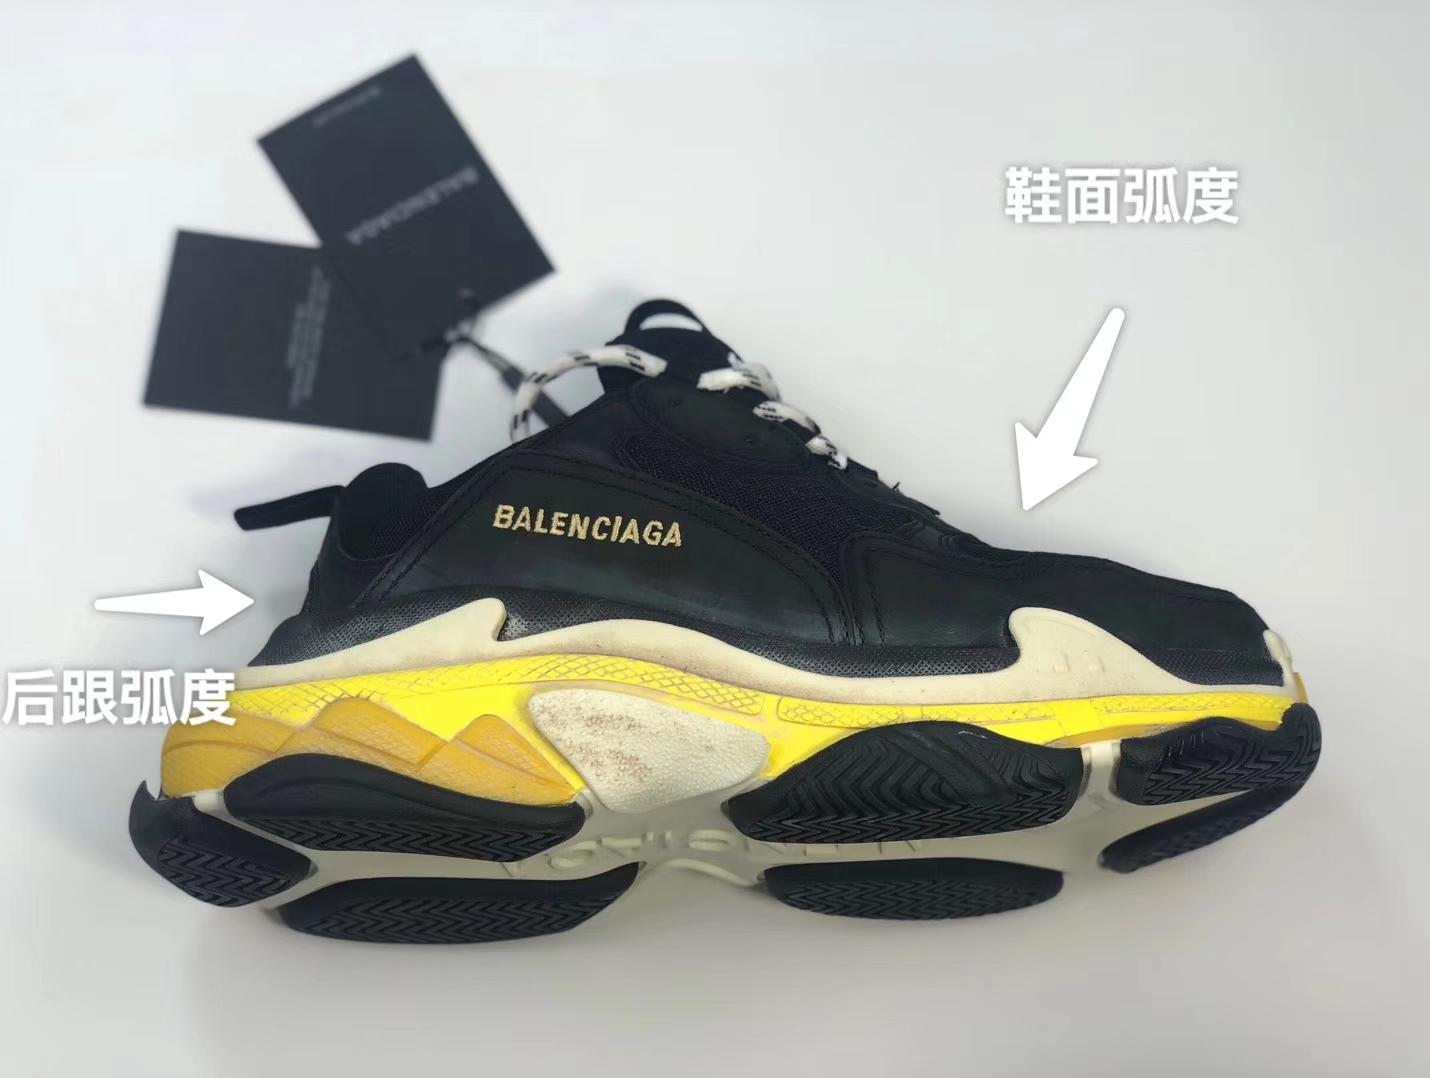 g5巴黎新配色 1.0黑黄 完美细节展示